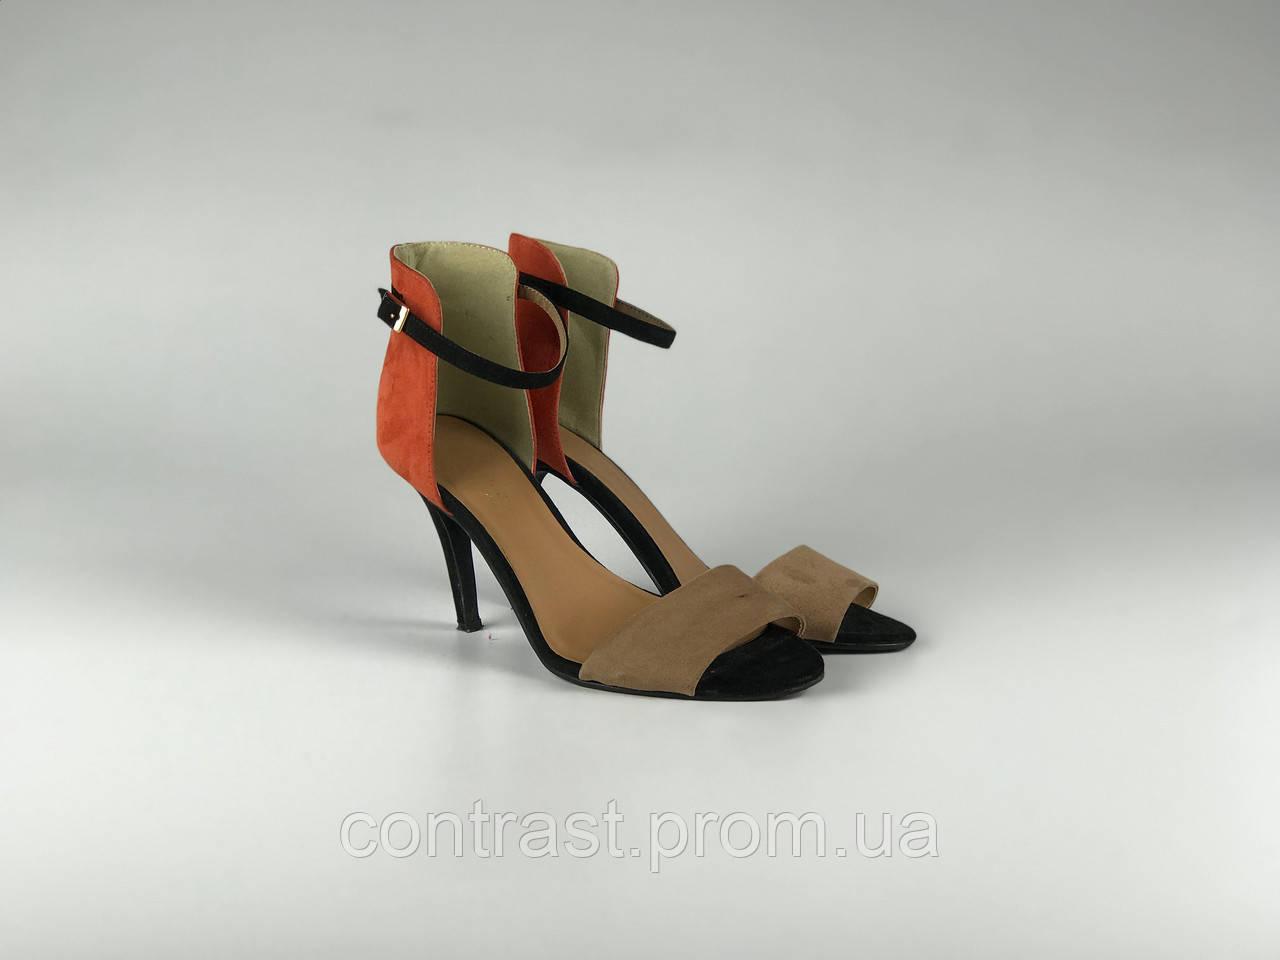 e36d5afa6 Комбинированные босоножки с застежкой на щиколотке SH1910100, цена 450  грн., купить в Днепре — Prom.ua (ID#913720258)